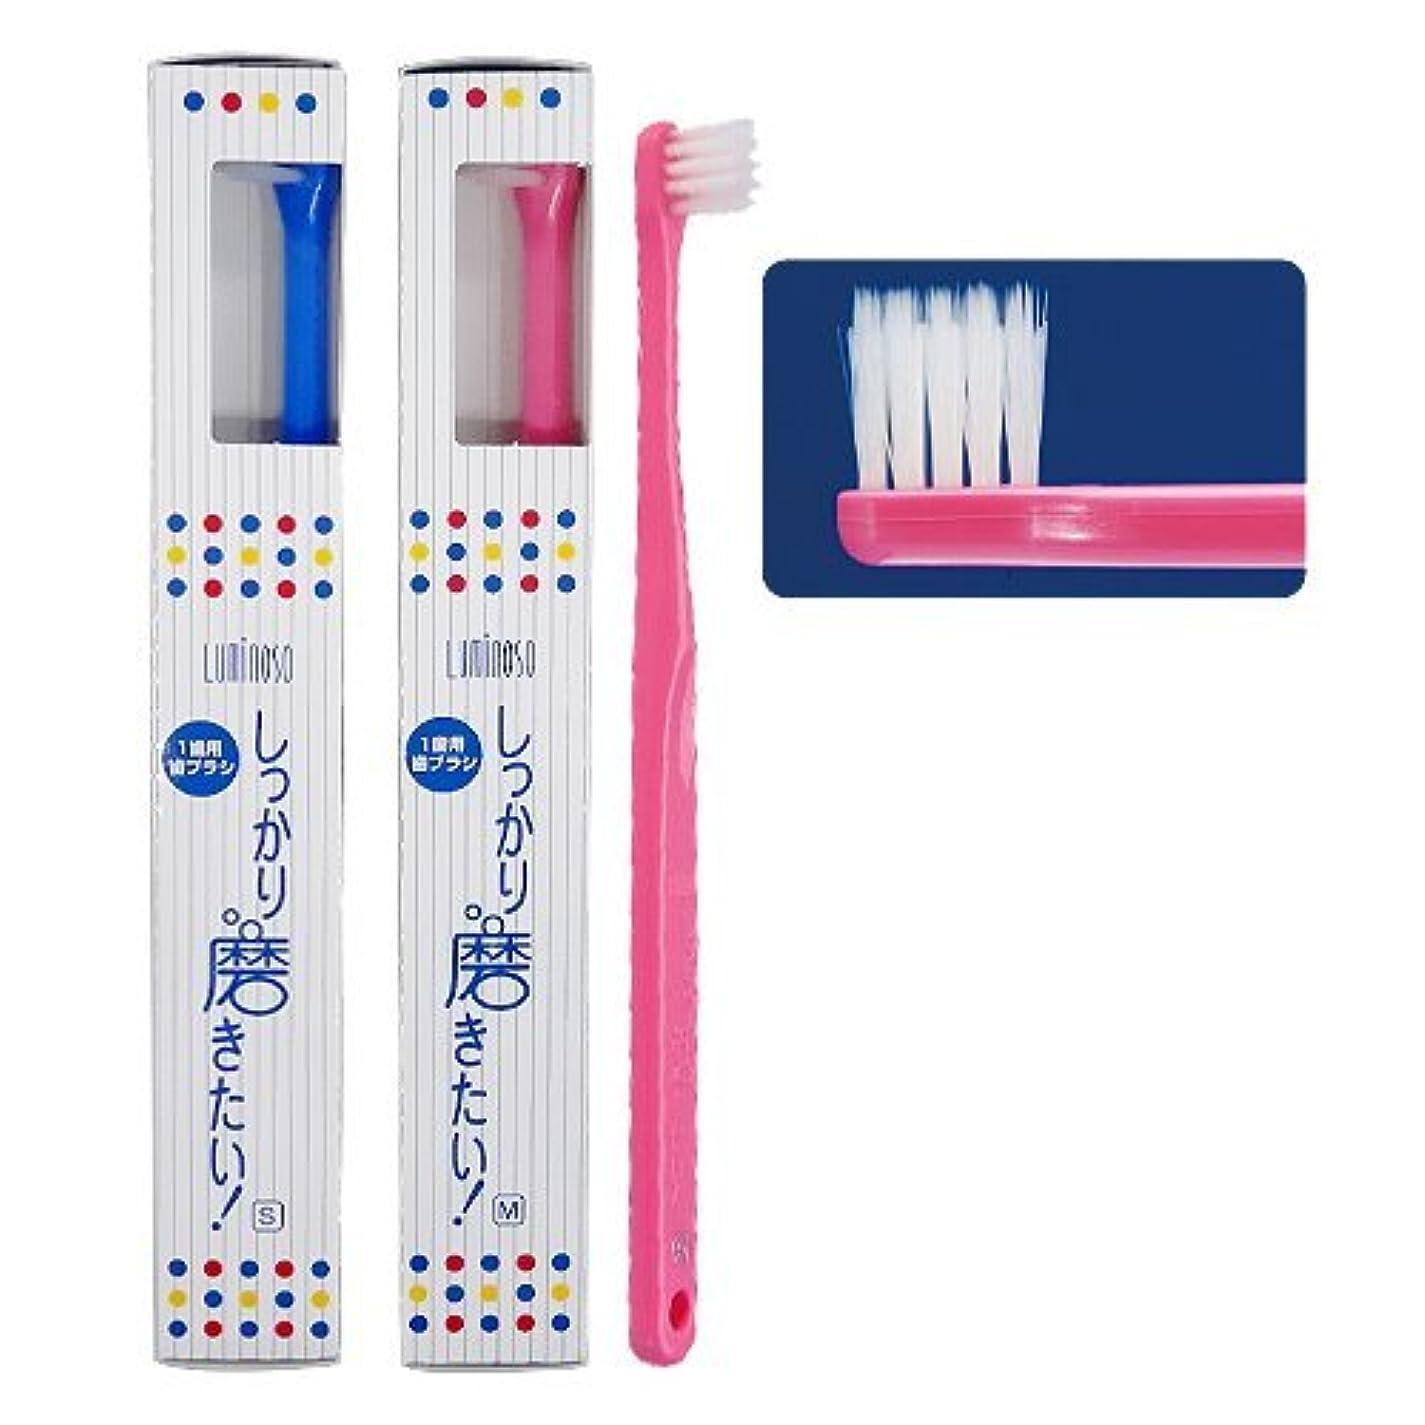 スツール並外れて彼らルミノソ 1歯用歯ブラシ「しっかり磨きたい!」スタンダード ソフト (カラー指定不可) 3本